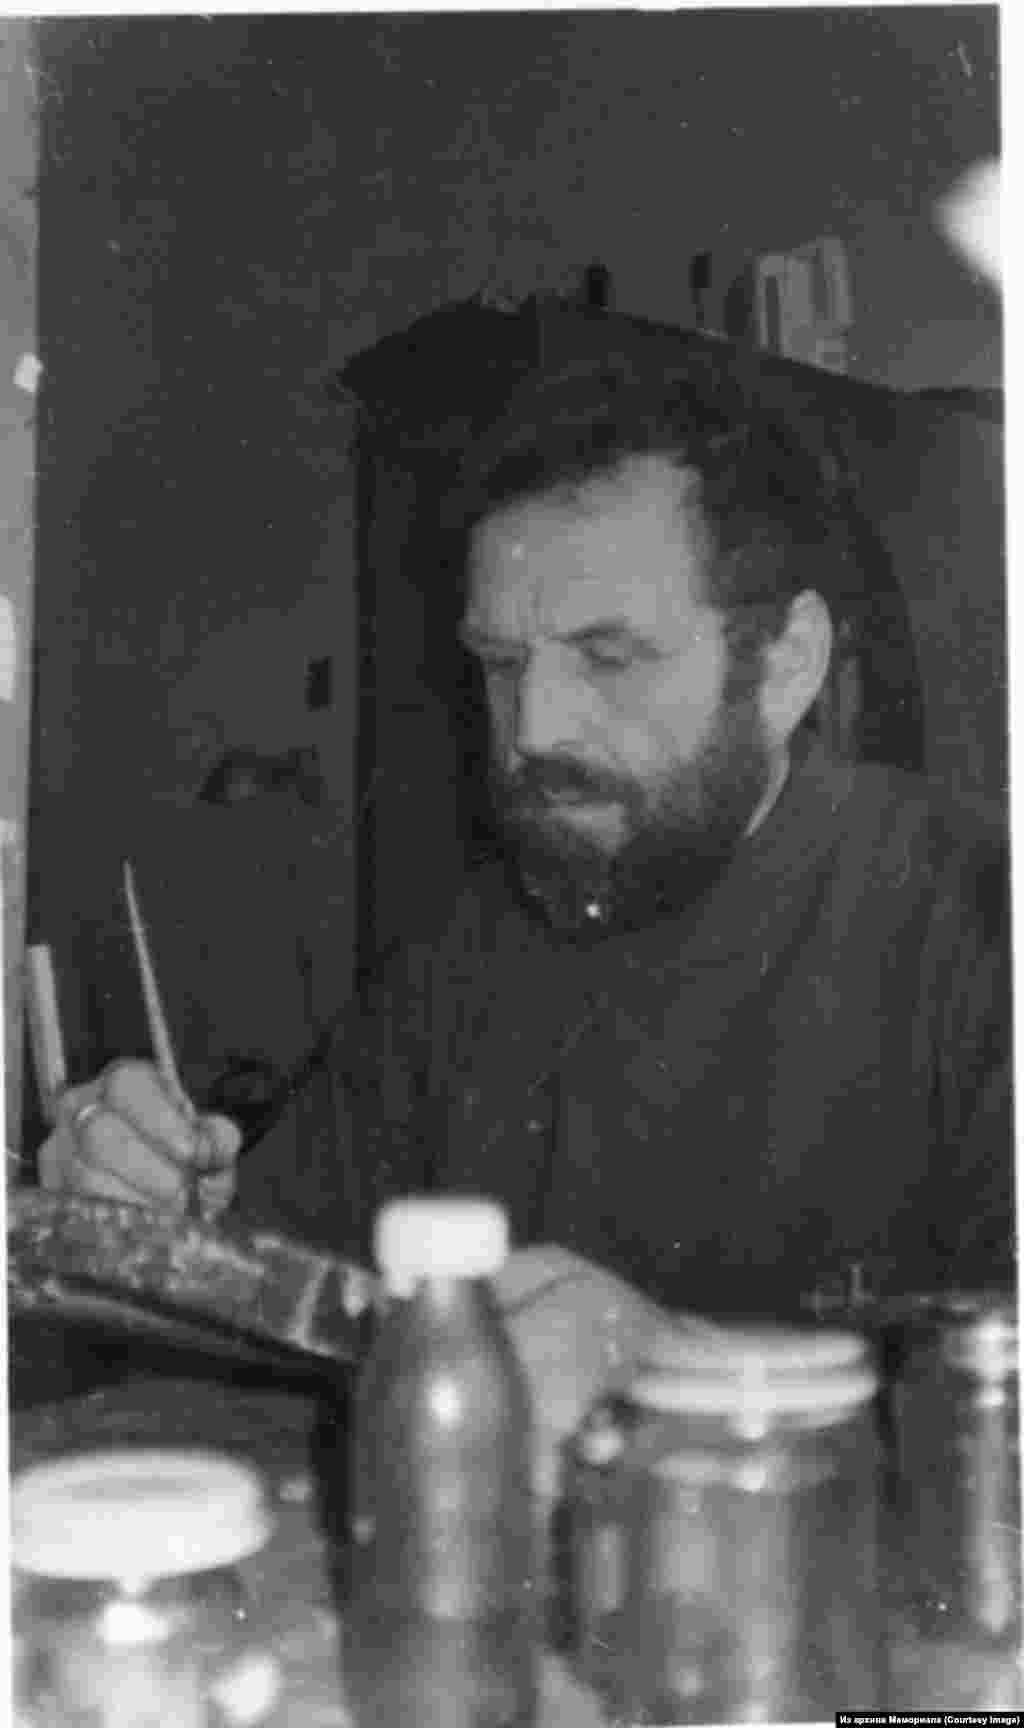 """Виктор Капитанчук, родился в 1945. Член-основатель """"Христианского комитета защиты прав верующих в СССР"""", политзаключенный (1980)."""